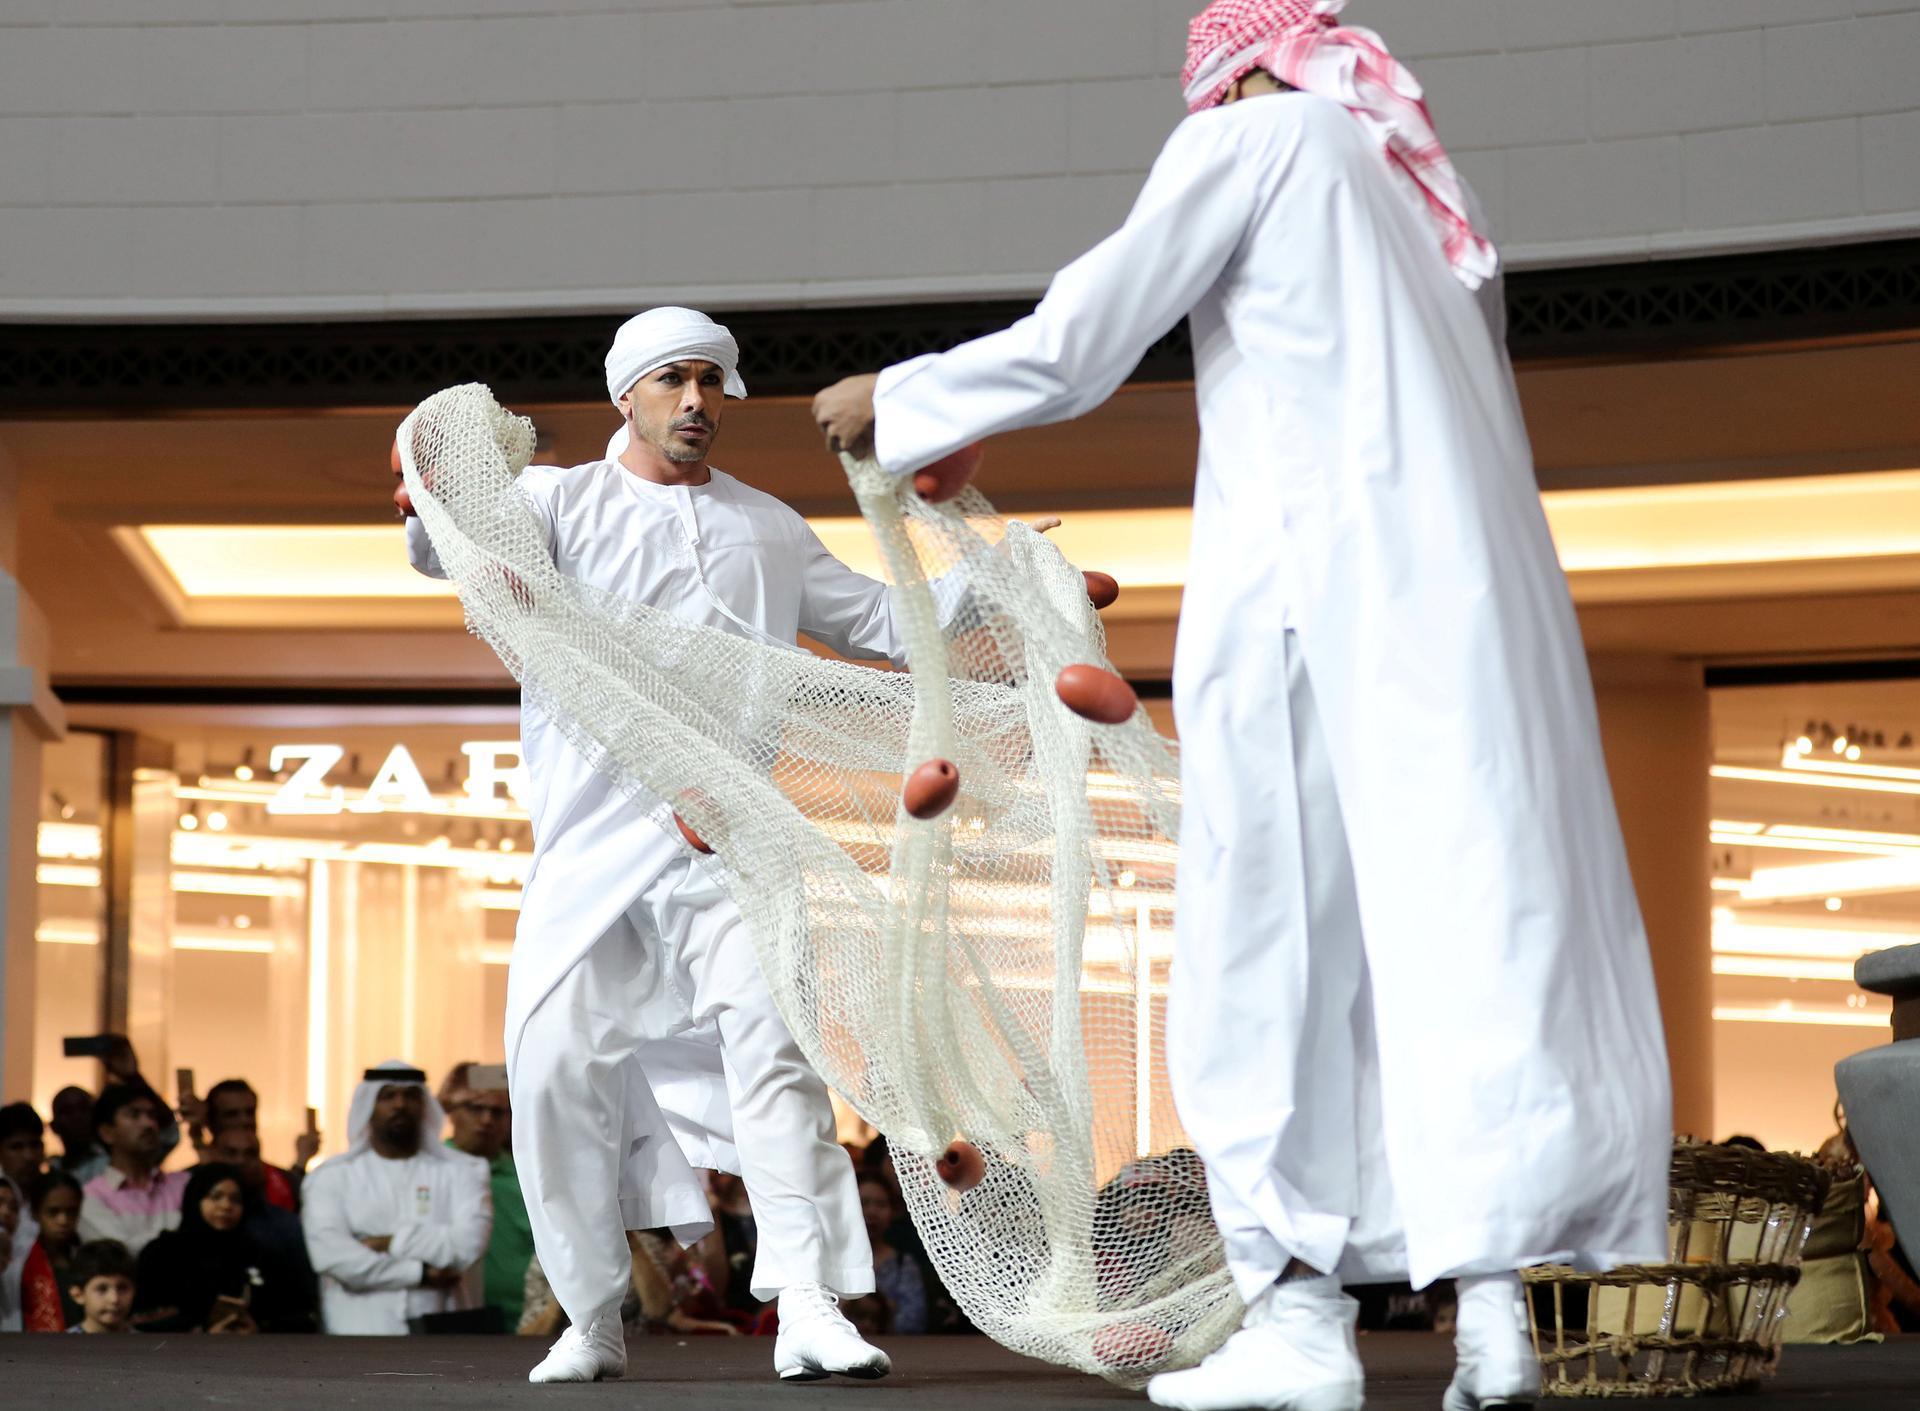 أجمل الصور الملتقطة خلال إحتفالات اليوم الوطني الإماراتي ال 47